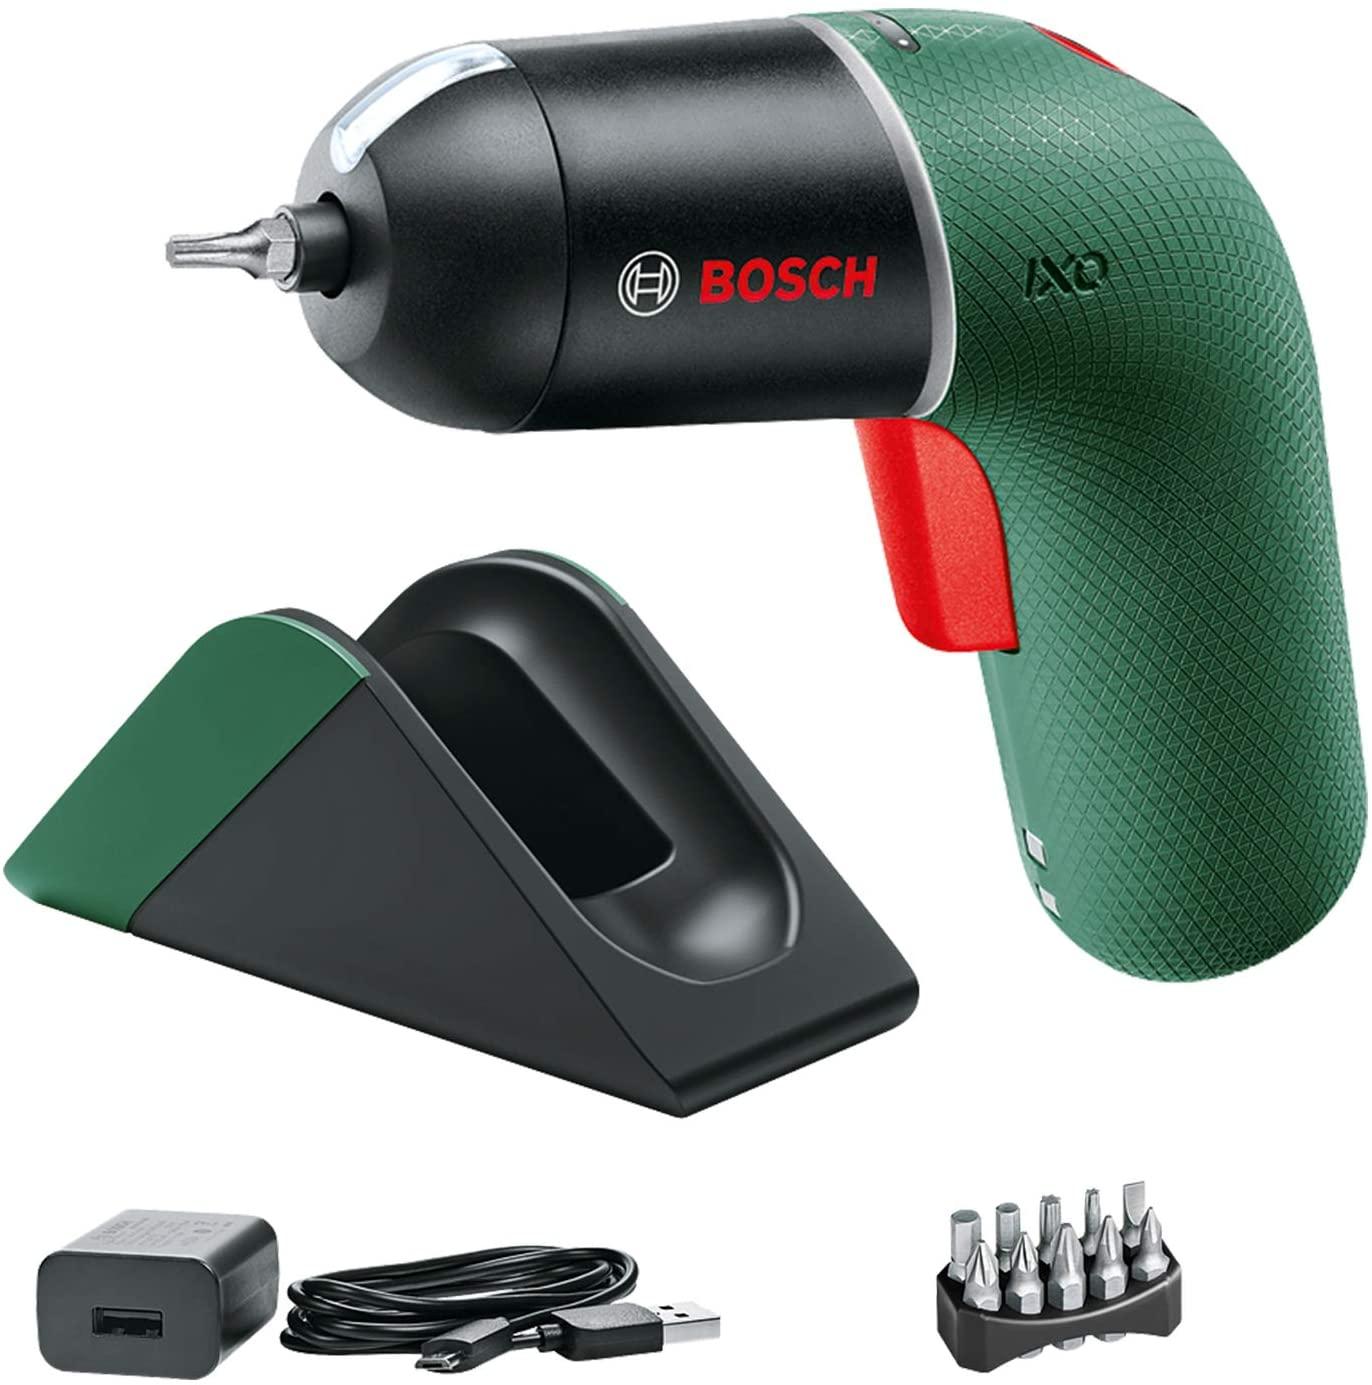 Bosch DIY Tools 06039C7101 Set con estación de carga Atornillador a batería IXO (6 generación, control de velocidad variable, en caja)